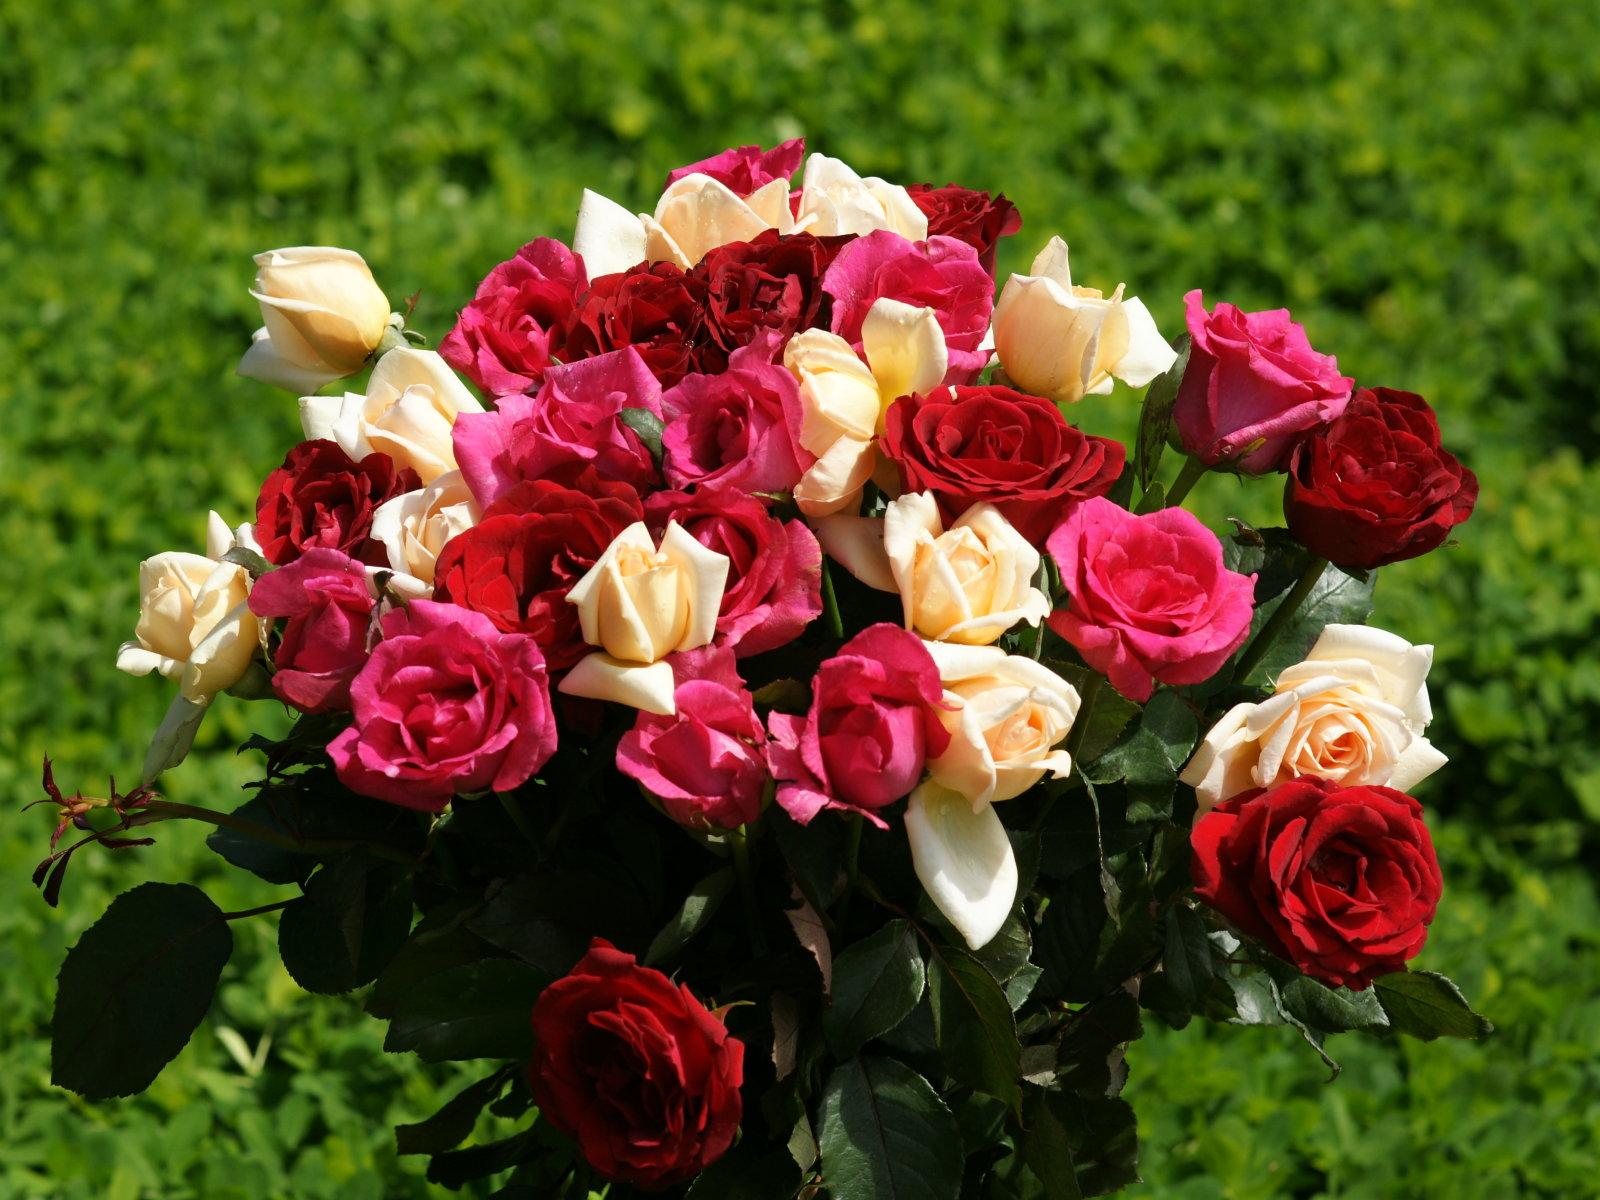 http://1.bp.blogspot.com/-QSXeyXgbOyU/Tdllf-qVOEI/AAAAAAAAAFM/_tXOQF_NWA0/s1600/8.jpg